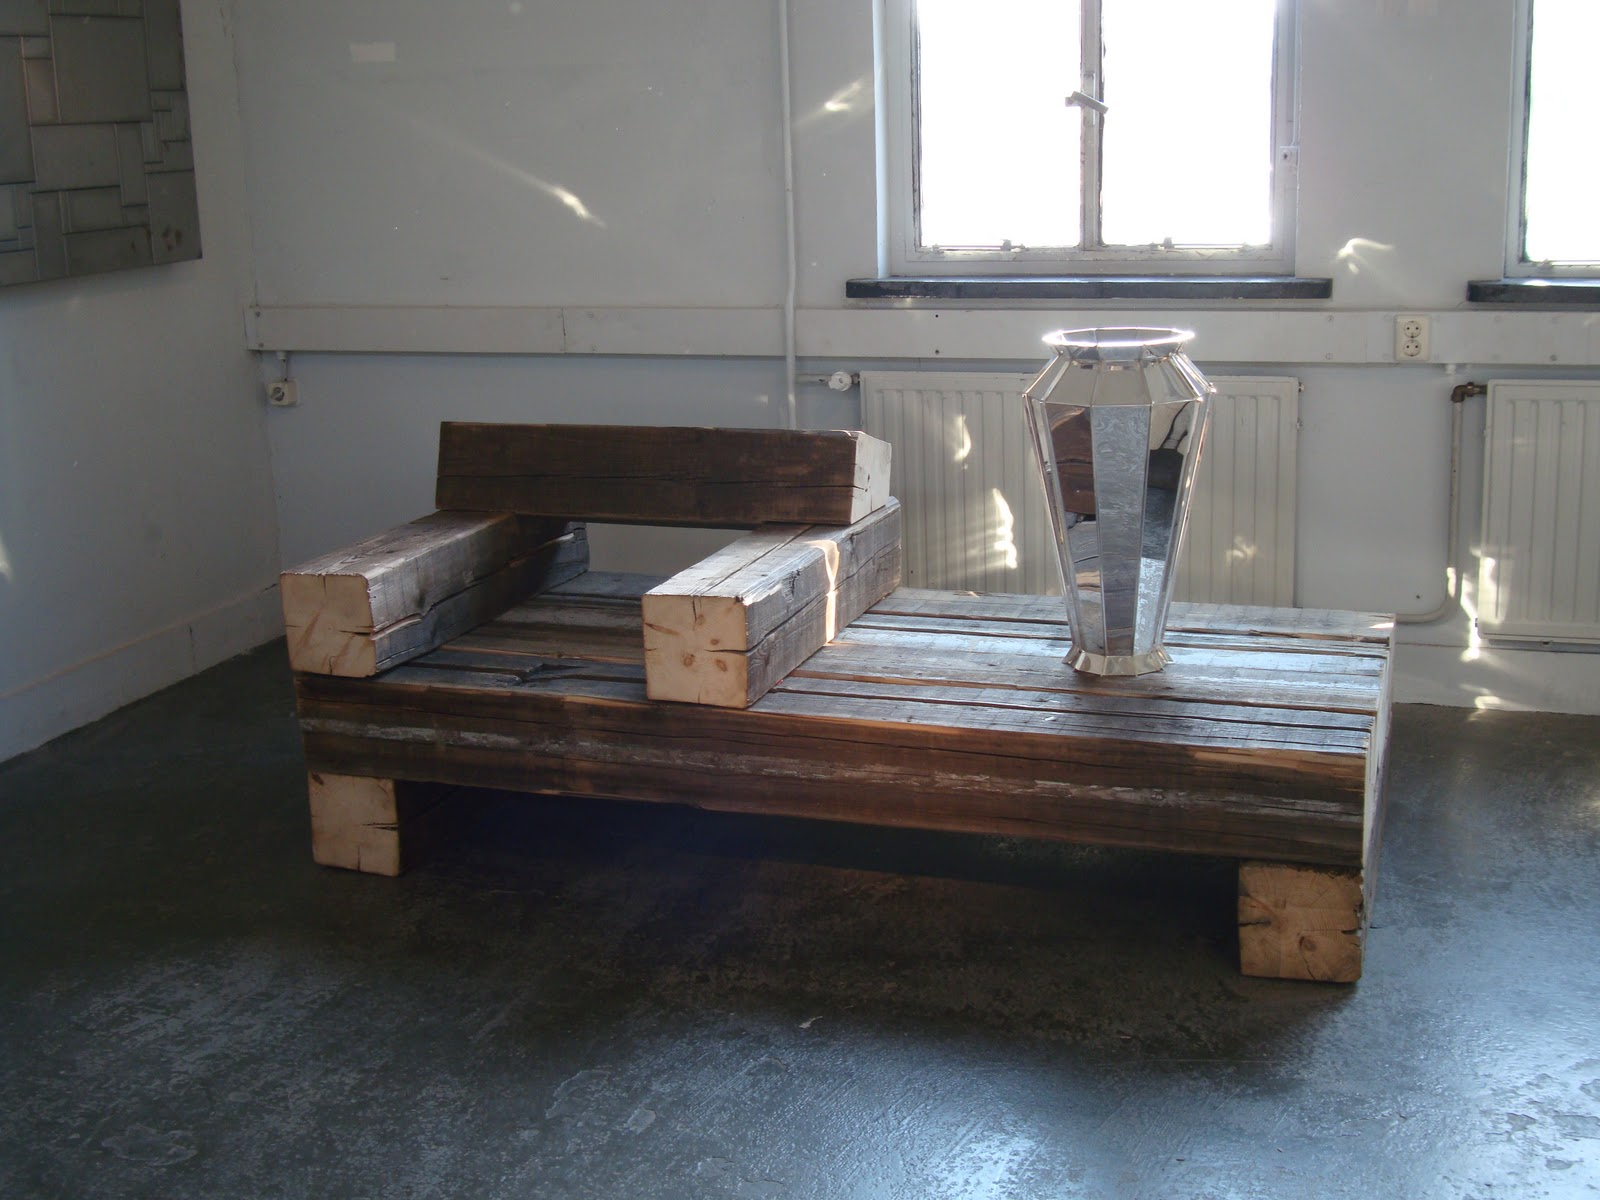 #44688722365560 Dit Is Volgens Mij Een Beetje Een Flexibel Meubel. Het Is Een Zetel En  Van de bovenste plank Dutch Design Meubelen 3123 beeld 160012003123 Inspiratie